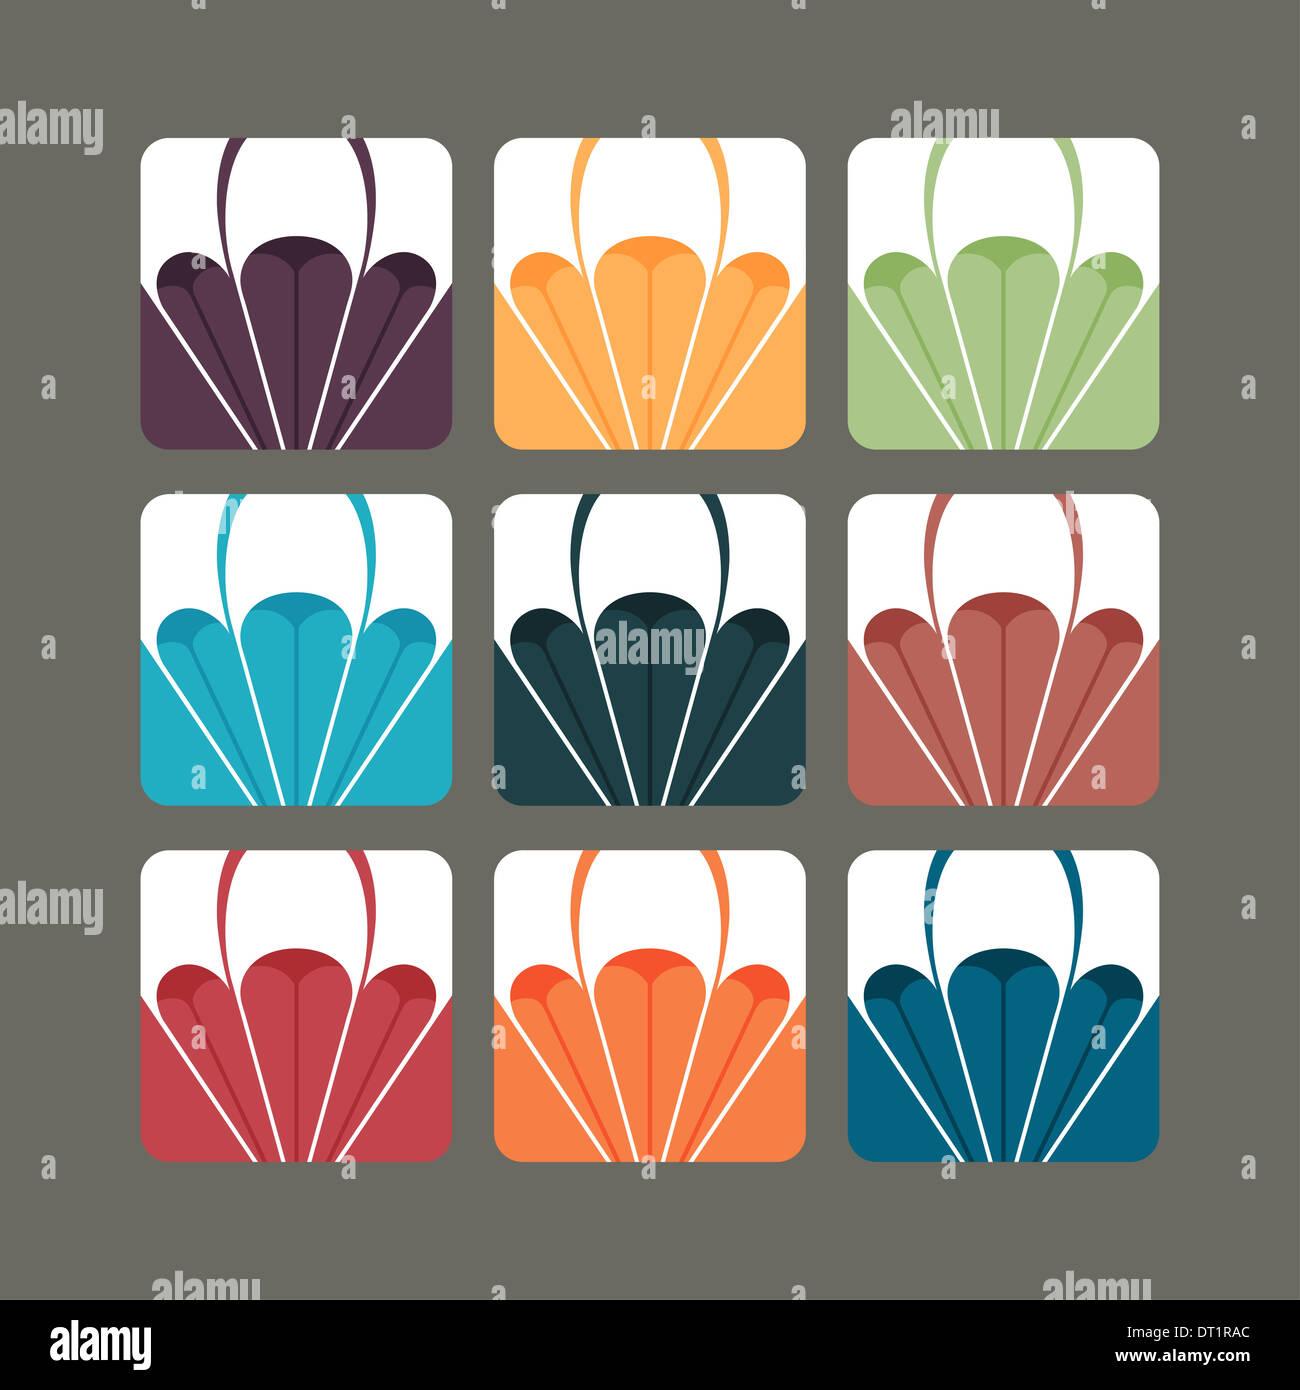 Jeu de parachute des vecteurs en variantes de couleur Photo Stock